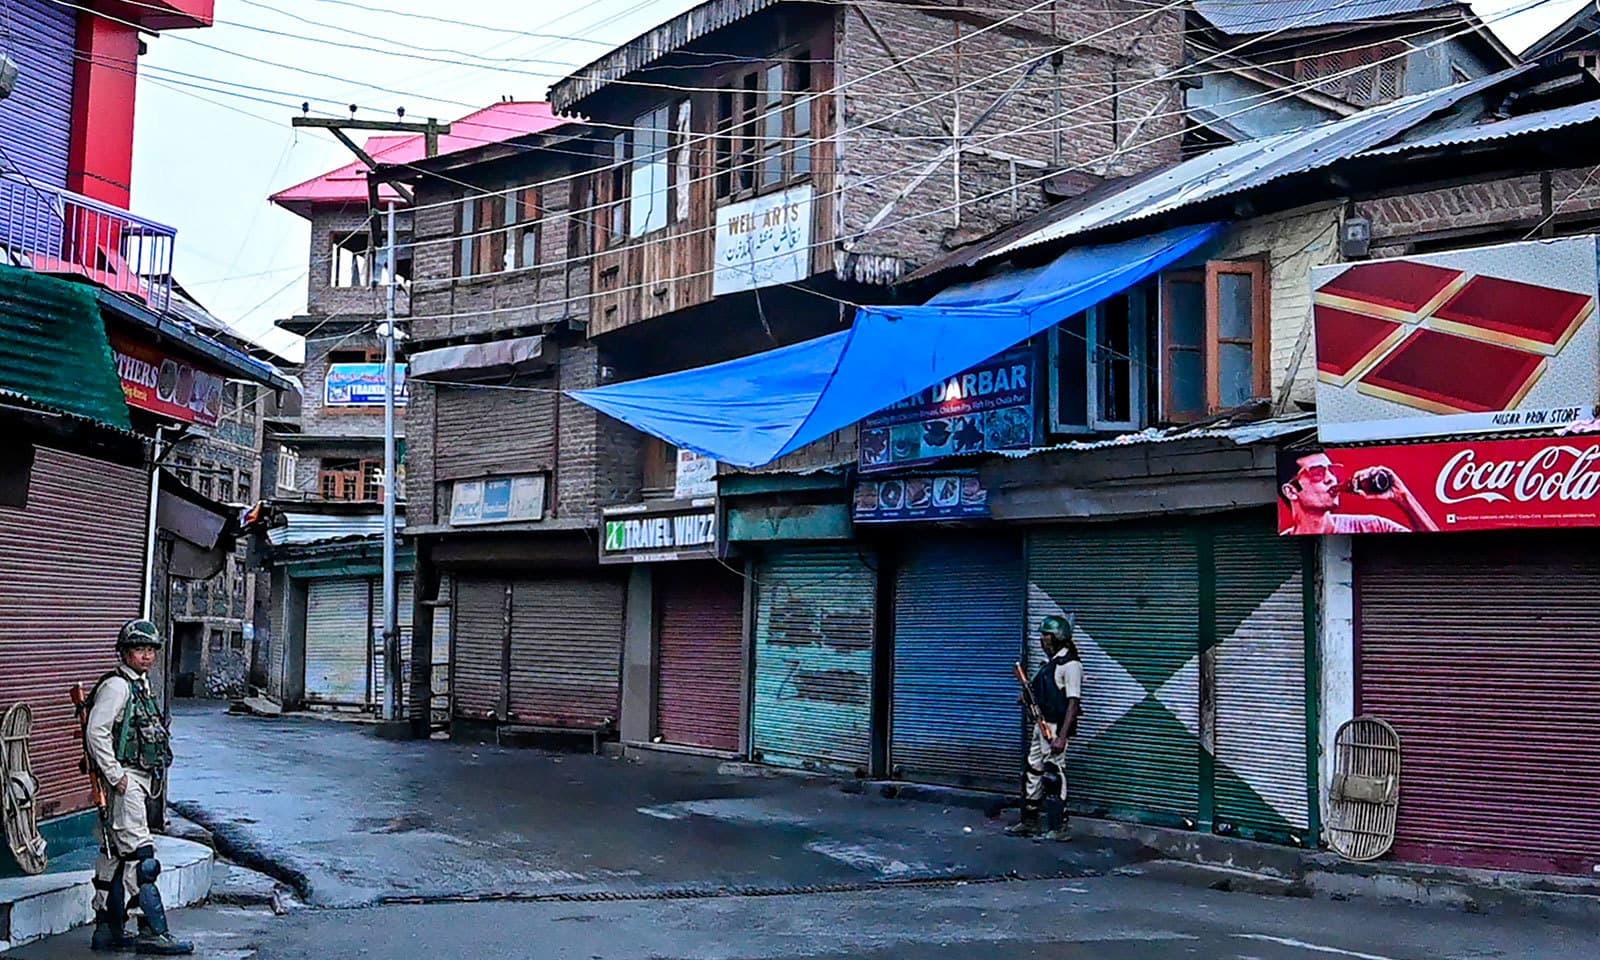 مقبوضہ کشمیر میں کرفیو کے نفاذ کو ایک ہفتے سے زیادہ کا عرصہ ہوگیا—فوٹو:اے ایف پی